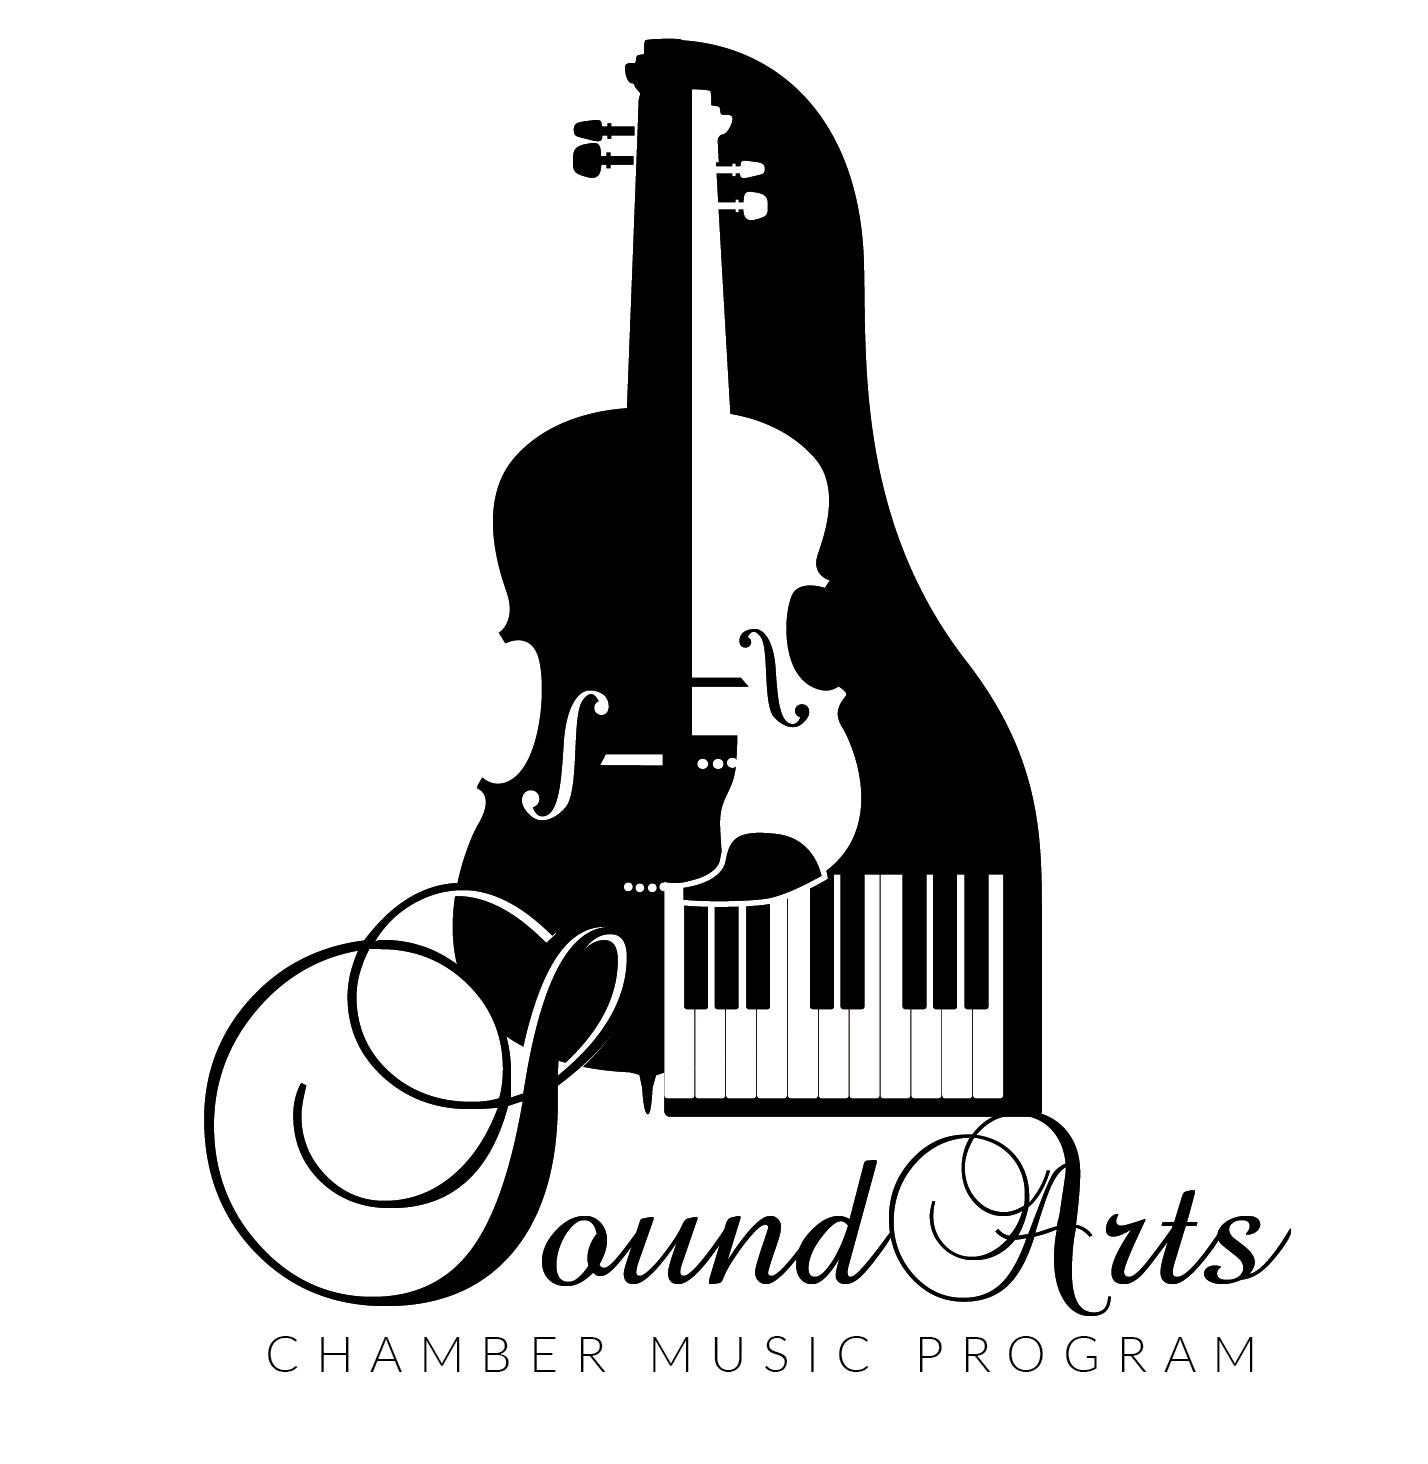 Piano-Trio-logo_kj_designPro.jpg